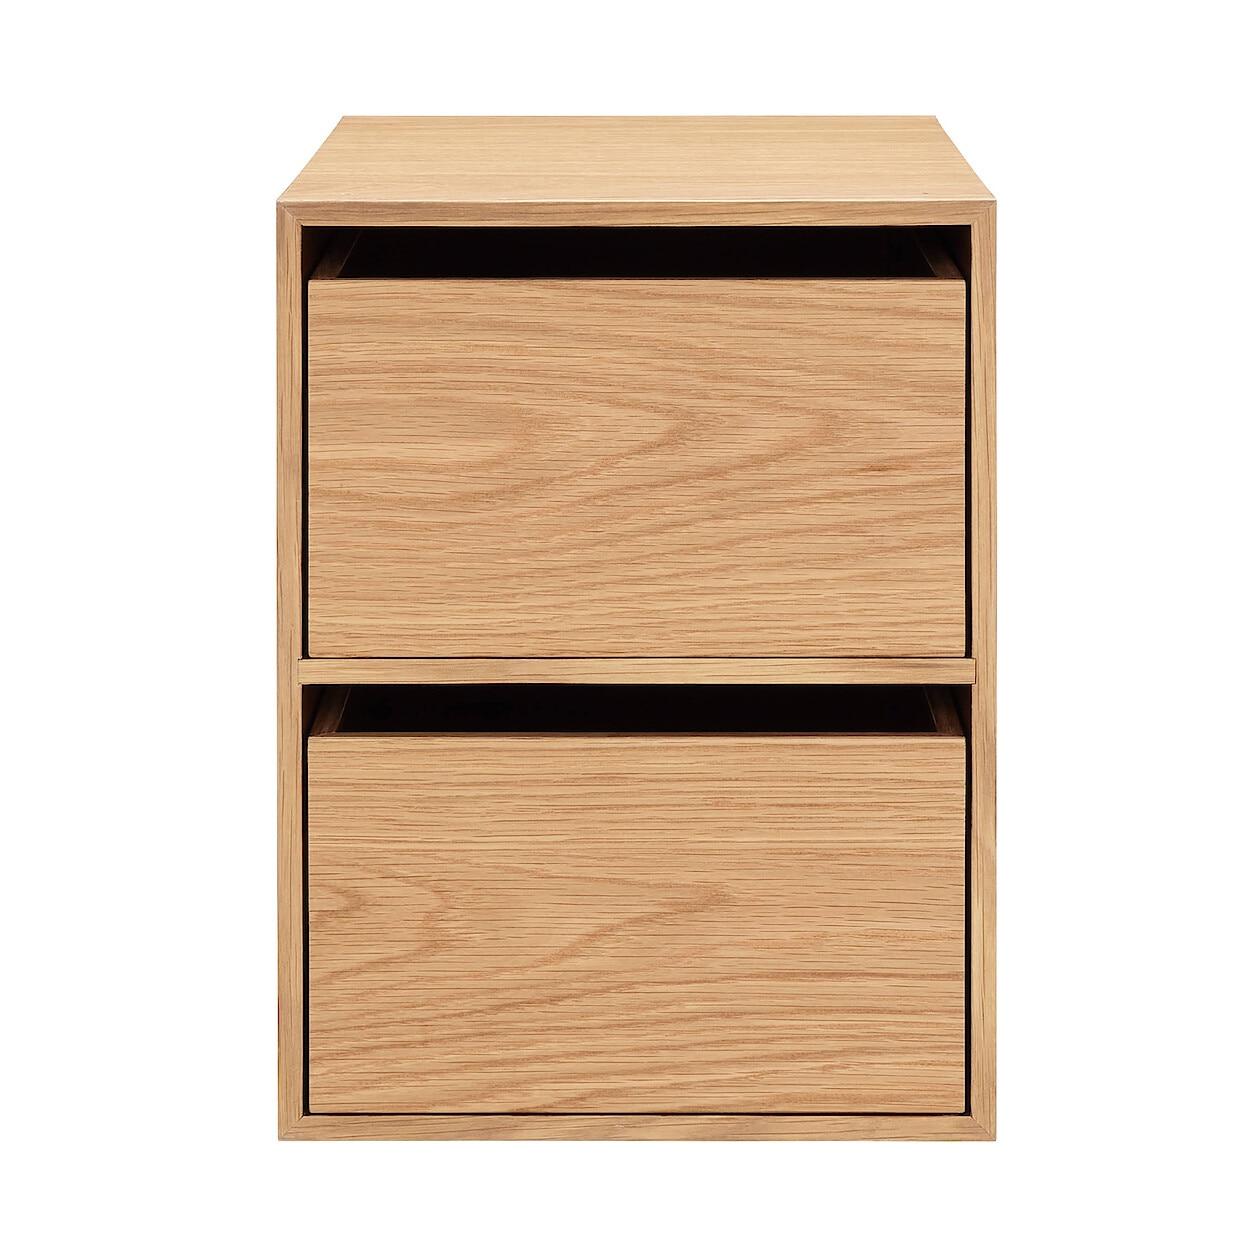 無印良品『木製収納ケース・引出式・2段・オーク材』